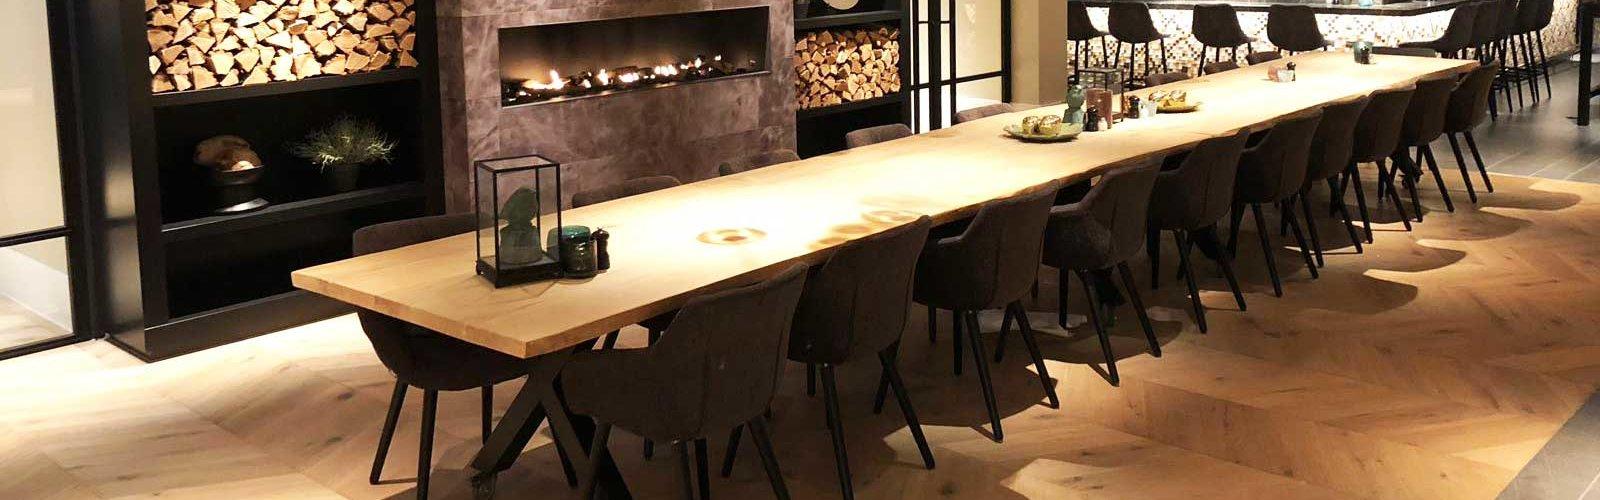 Projectinrichting met X poot industriele steigerhouten tafel